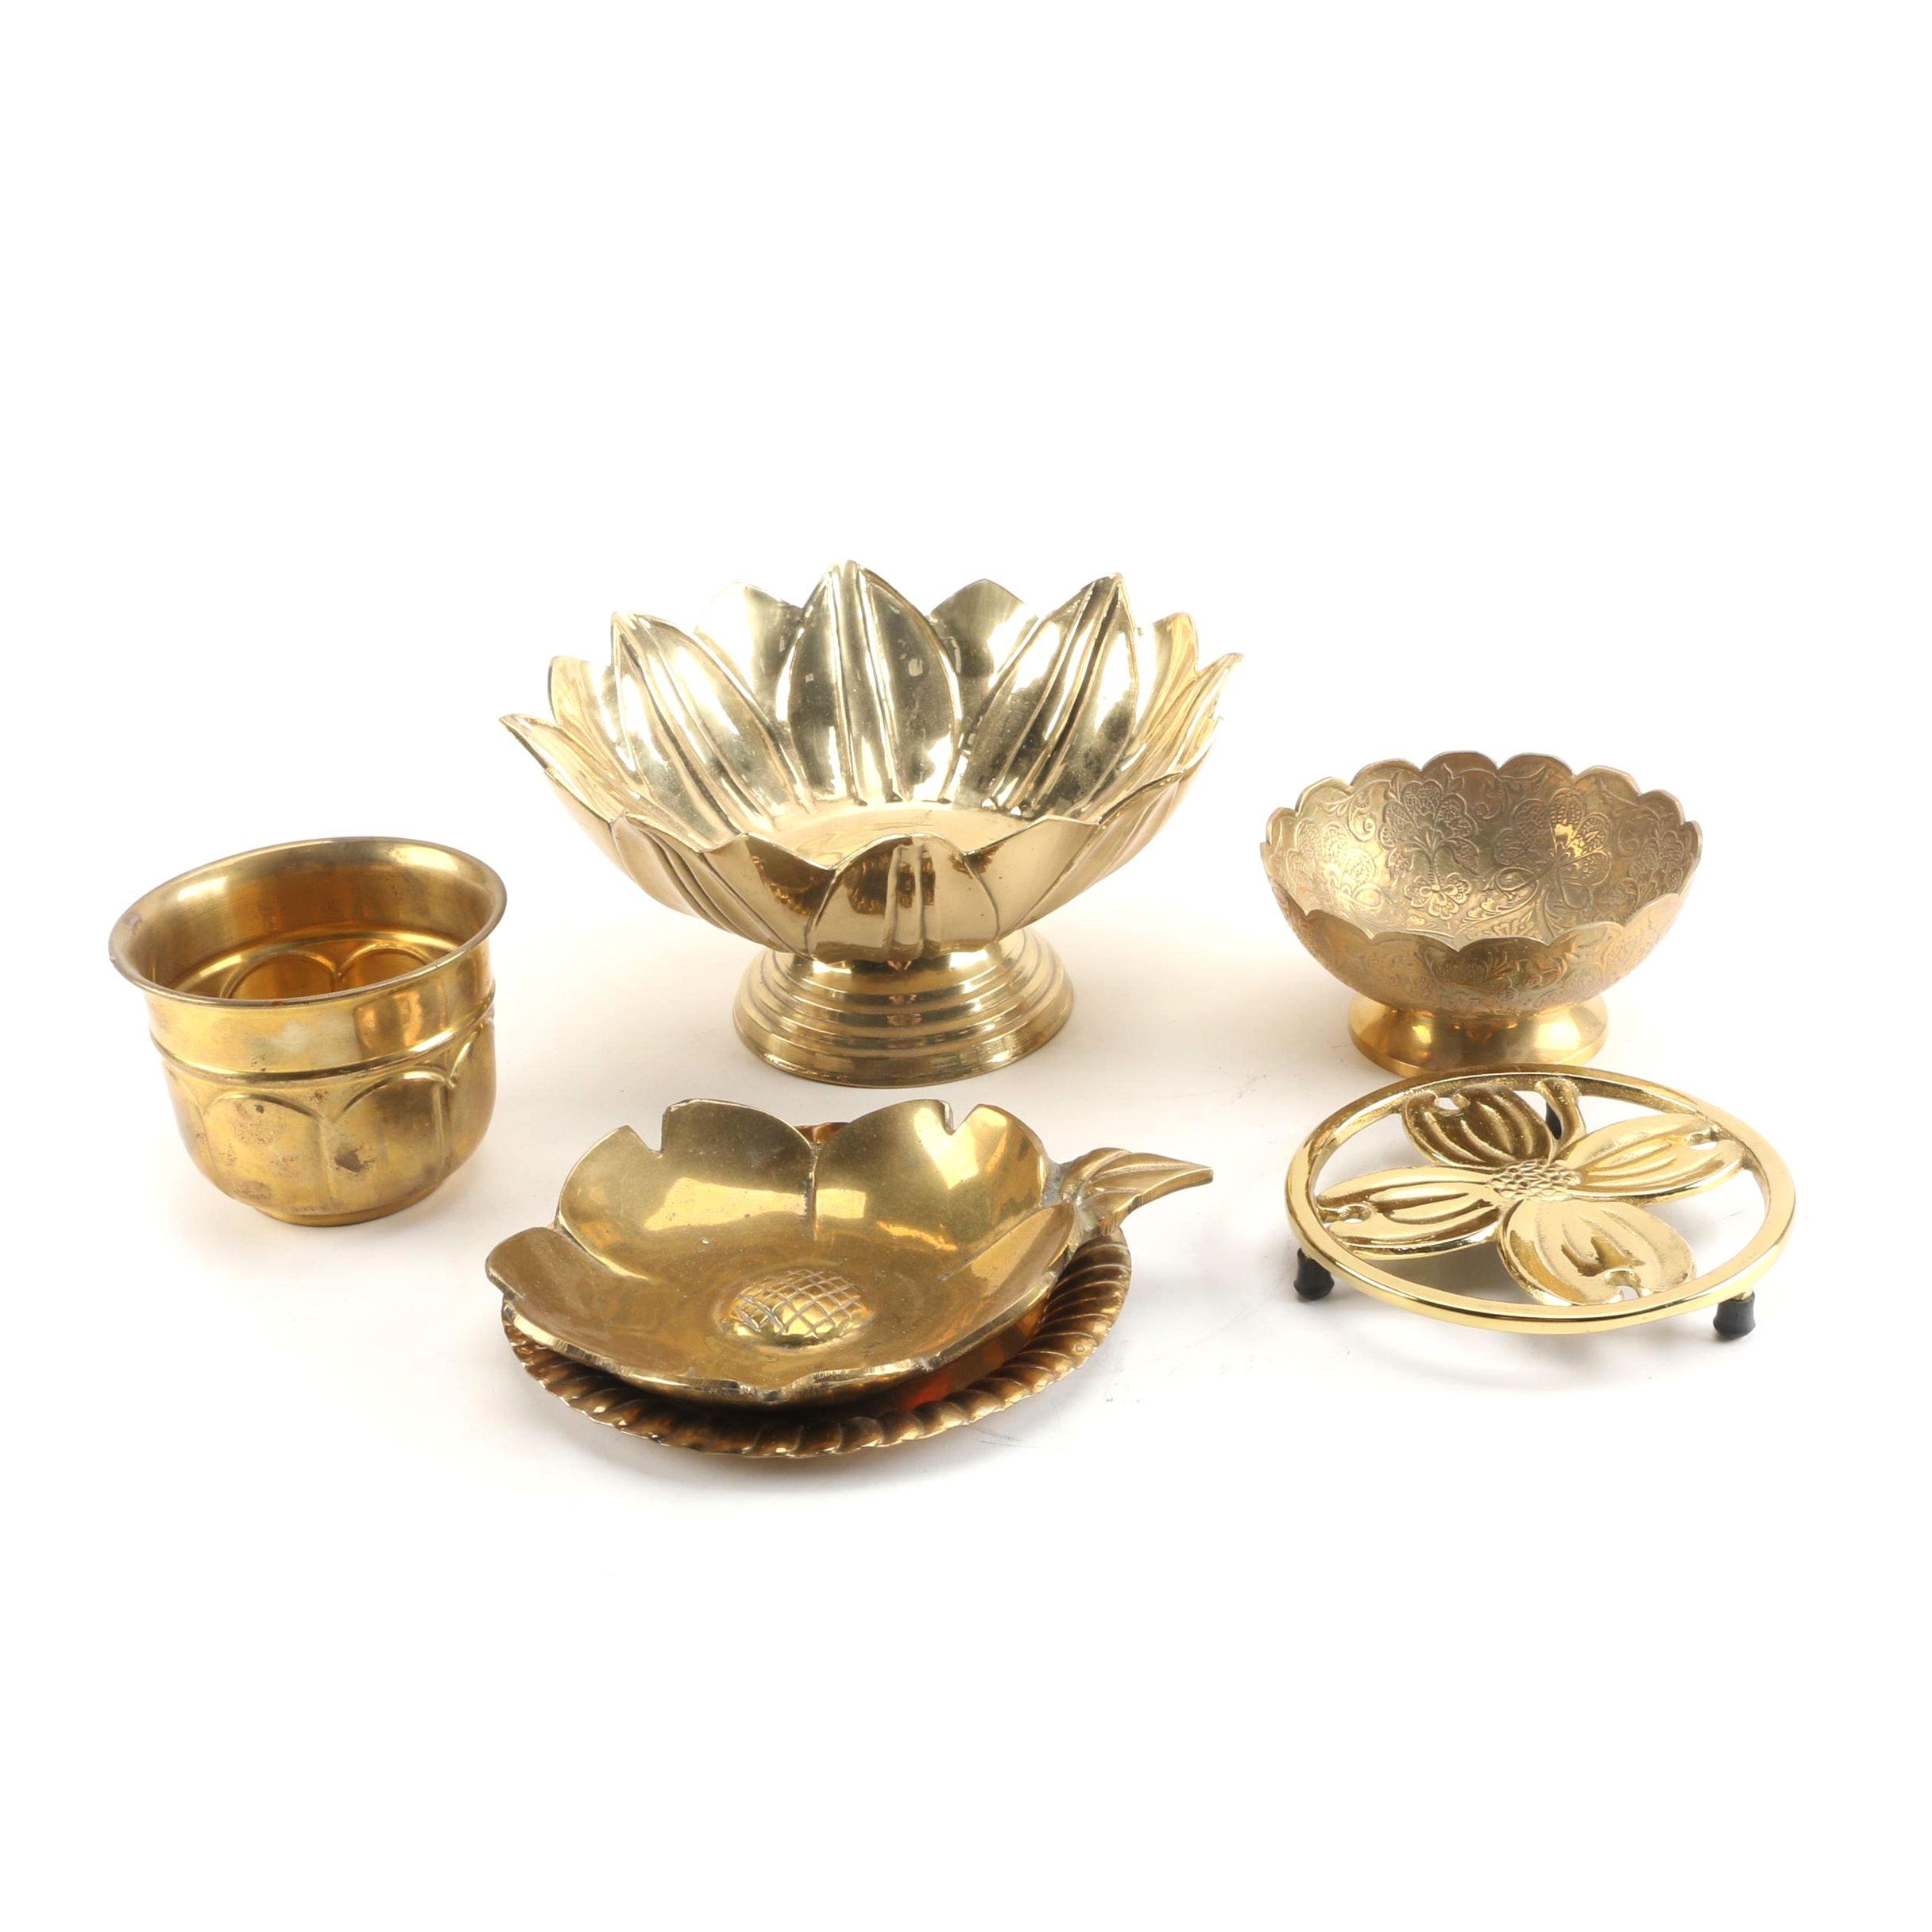 Vintage Brass Trivet and Bowls